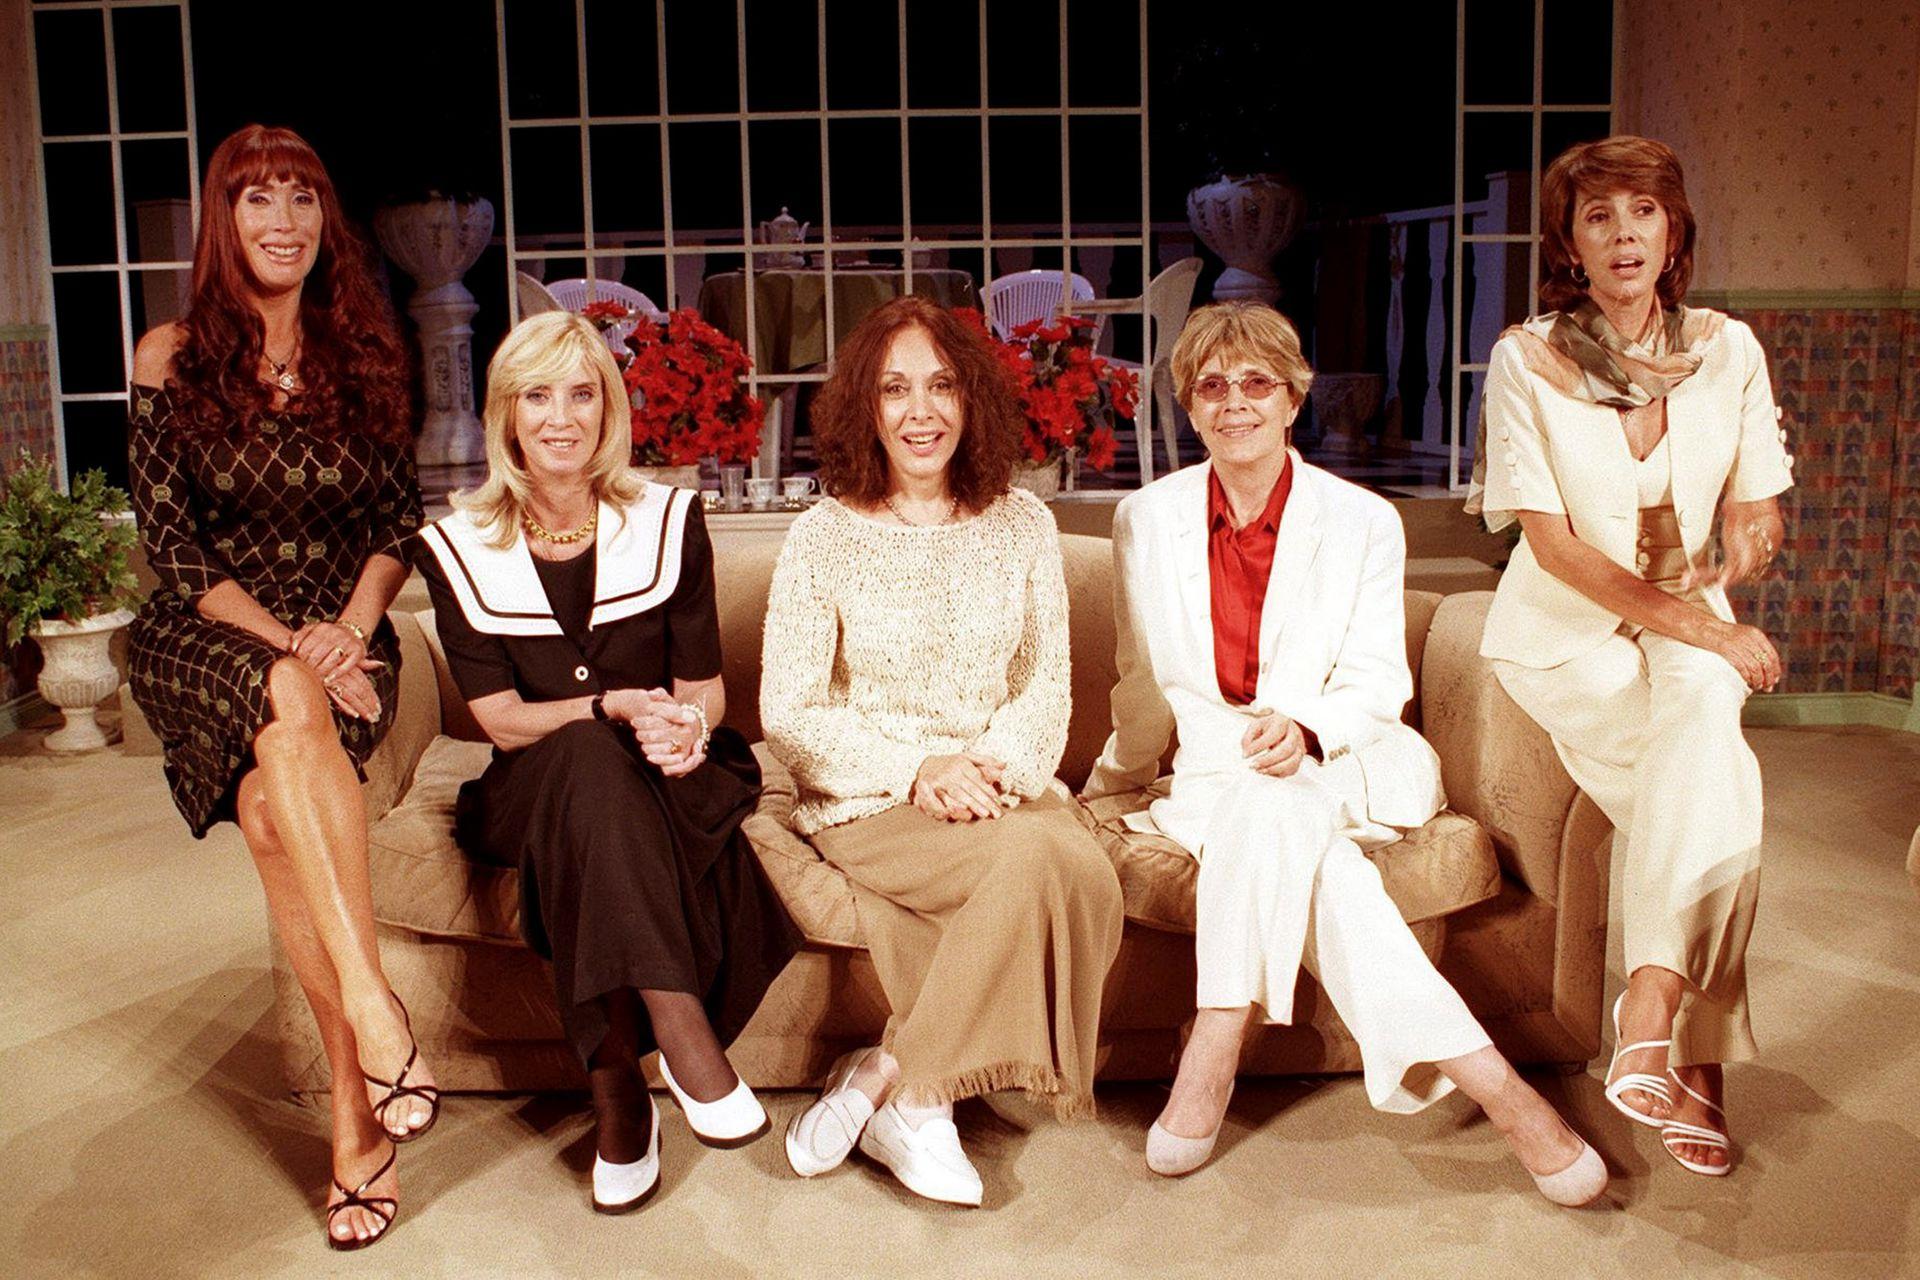 Elenco original de Brujas. Moria Casán, Graciela Dufau, Thelma Biral, Susana Campos y Nora Cárpena en el 2000